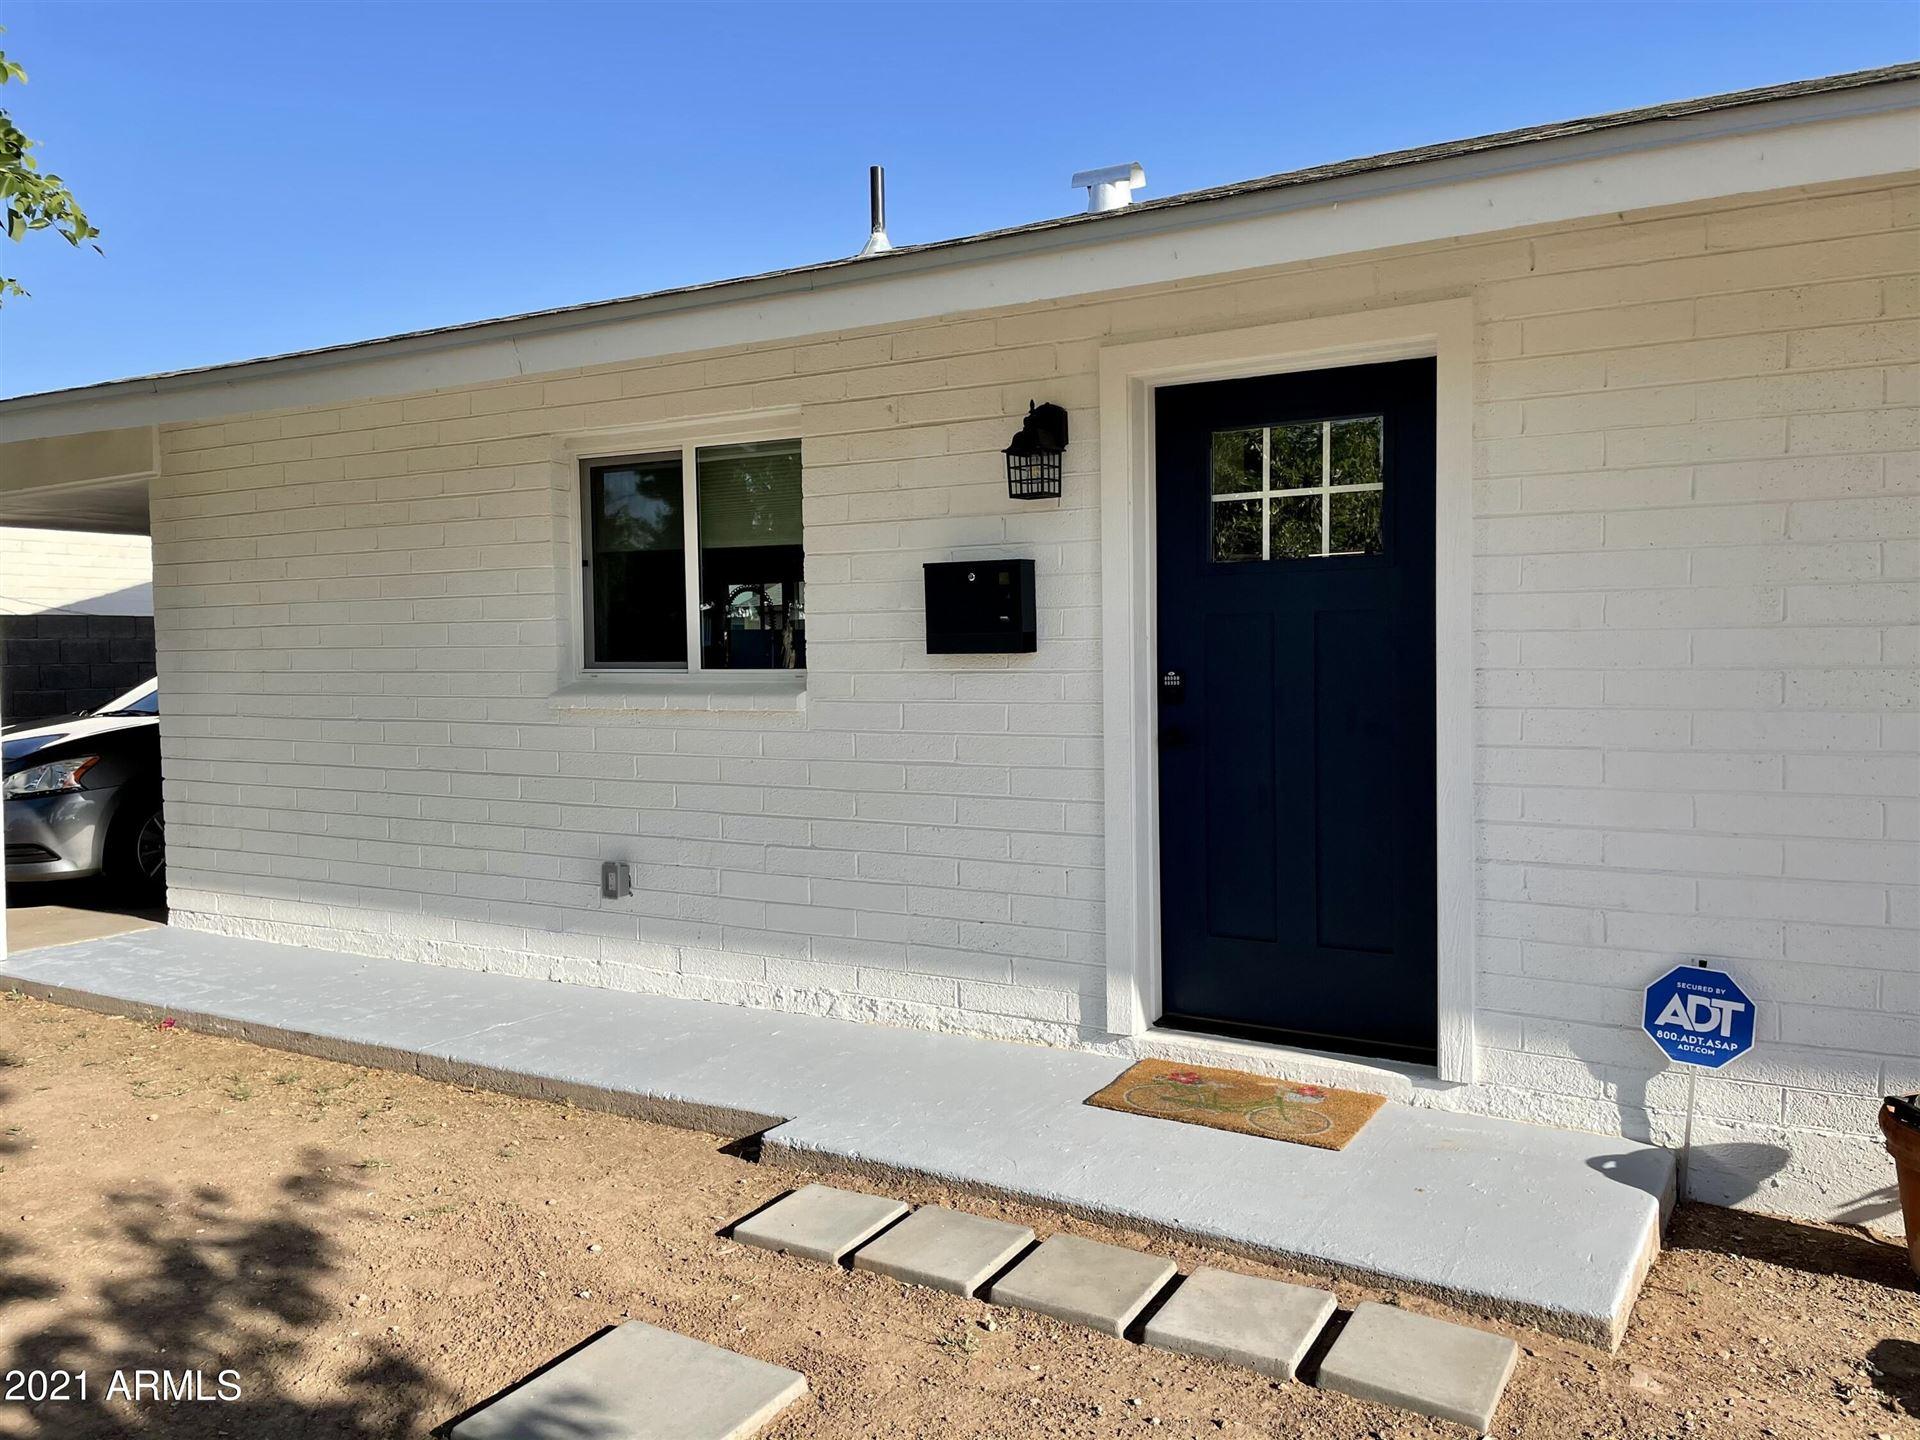 4645 E ALMERIA Road, Phoenix, AZ 85008 - MLS#: 6237971